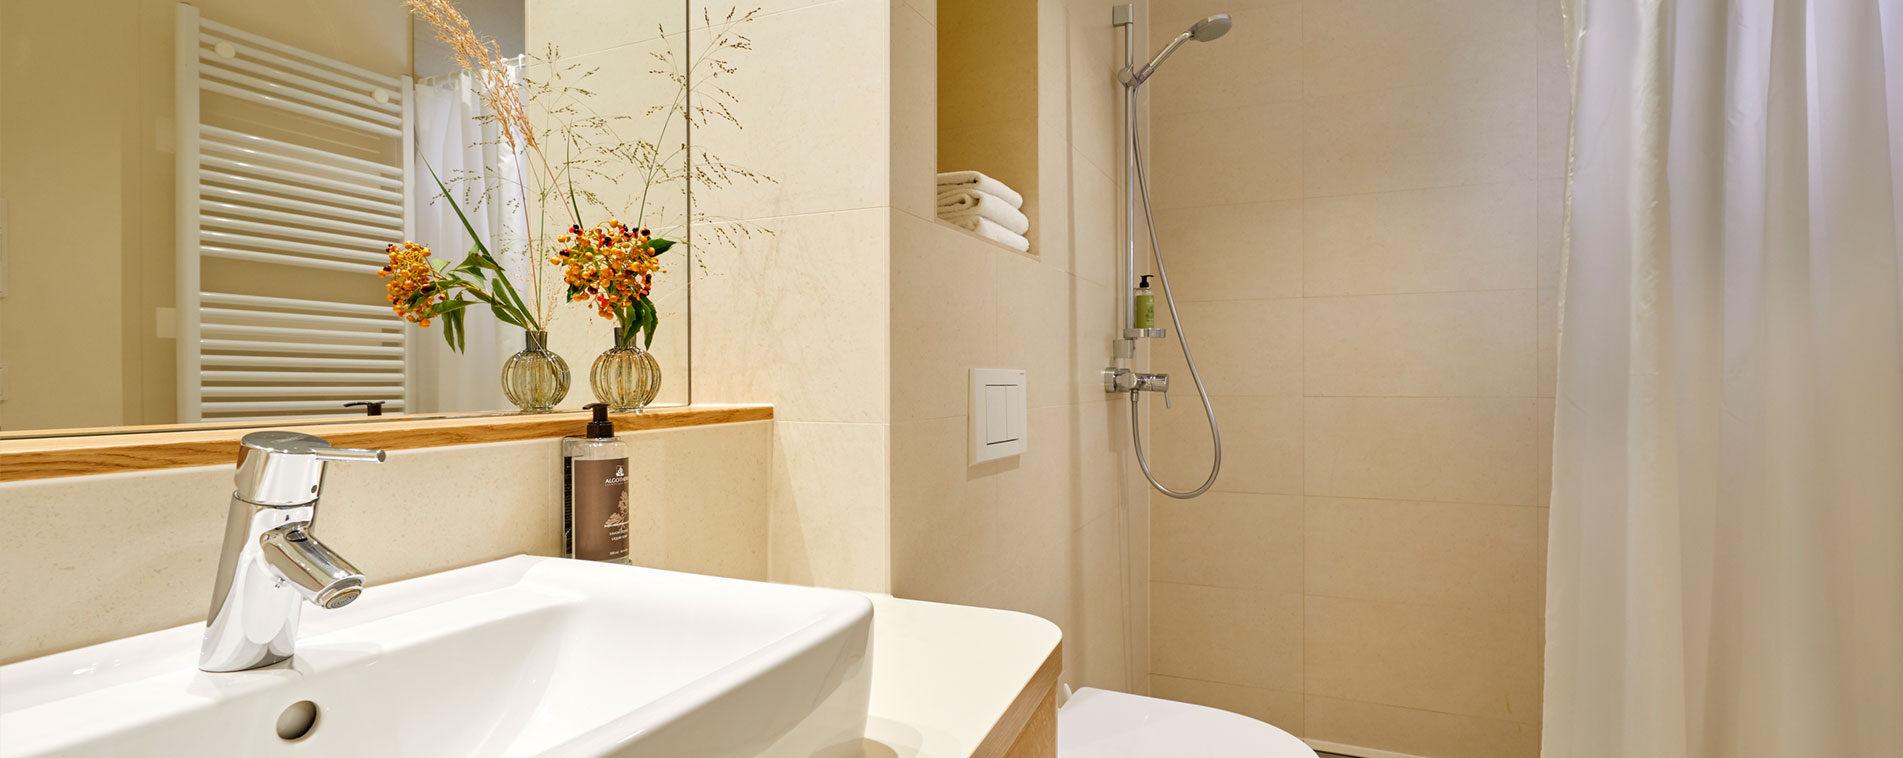 FLOTTWELL BERLIN Hotel - Ansicht Badezimmer